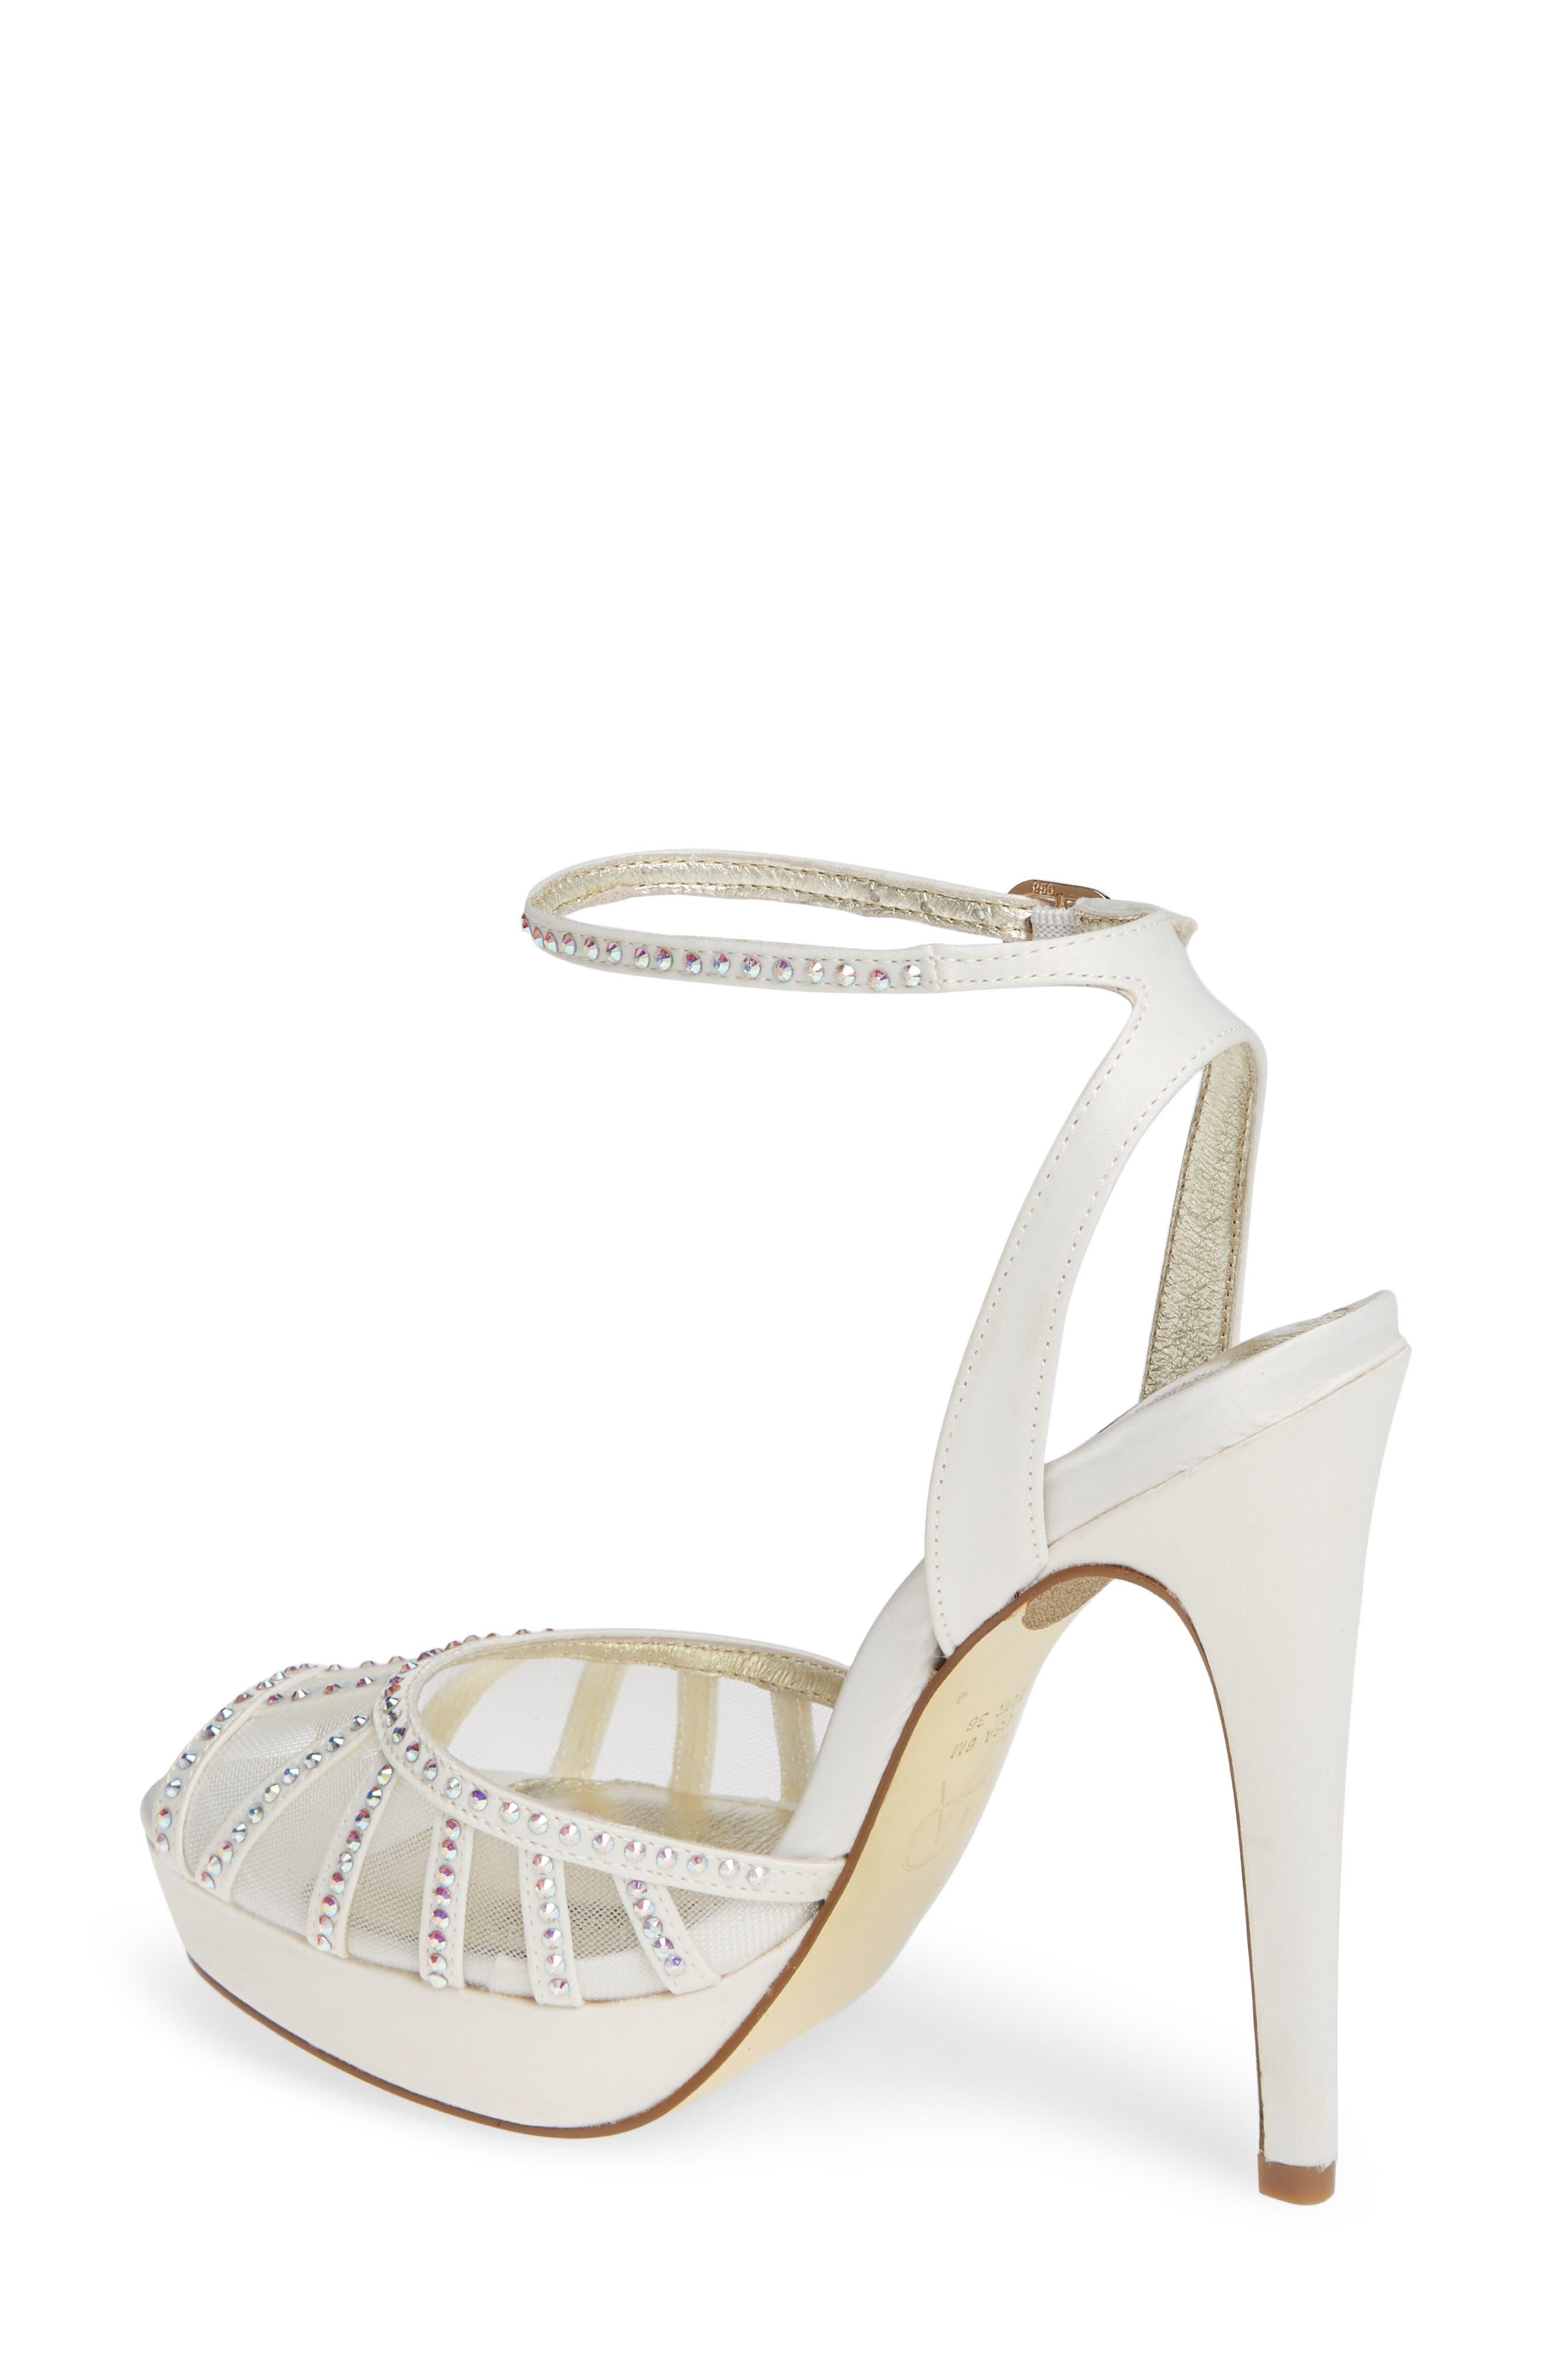 Simone Crystal Embellished Platform Sandal,                             Alternate thumbnail 2, color,                             Ivory